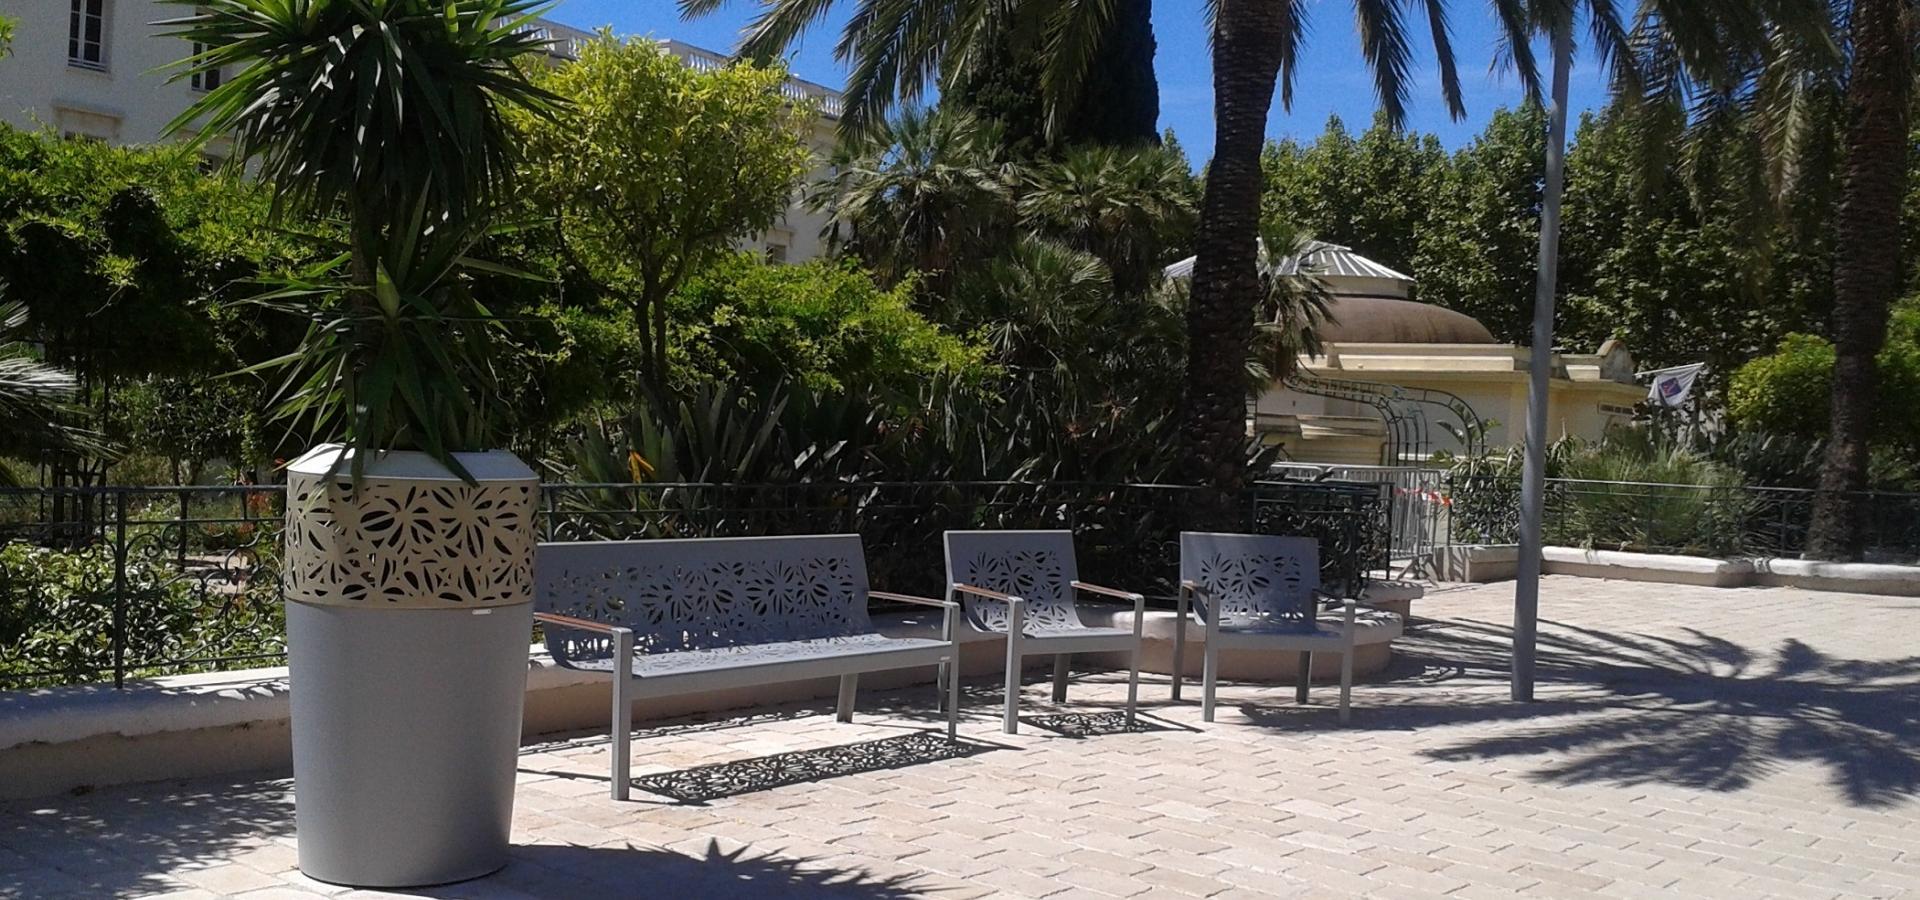 Hy res les palmiers avenue clotis metalco for Mobilier urbain espace public